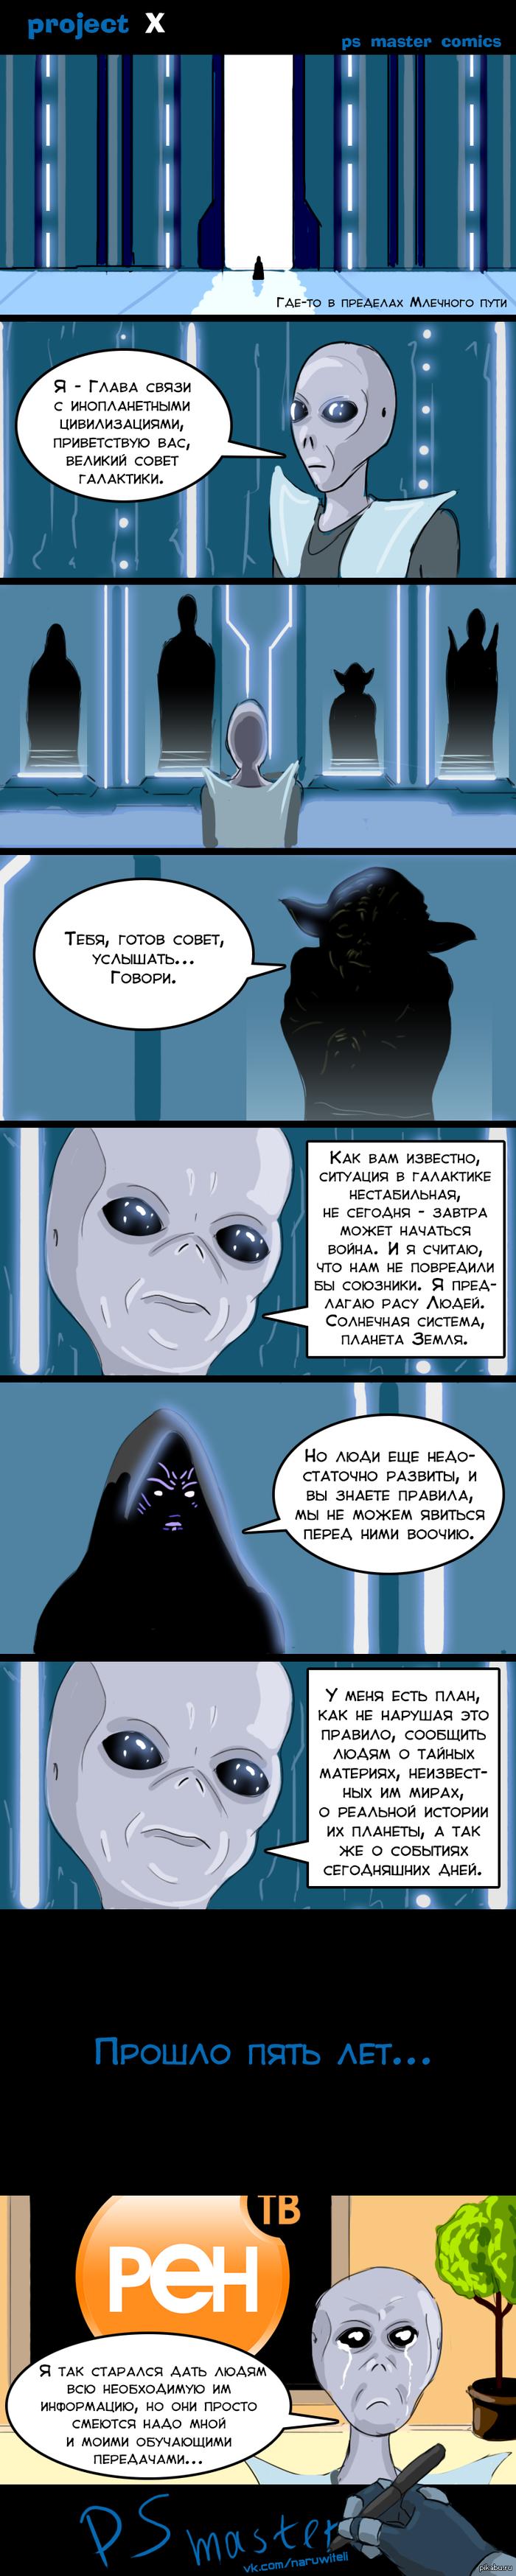 http://s.pikabu.ru/post_img/2013/10/10/4/1381378513_1327674549.png